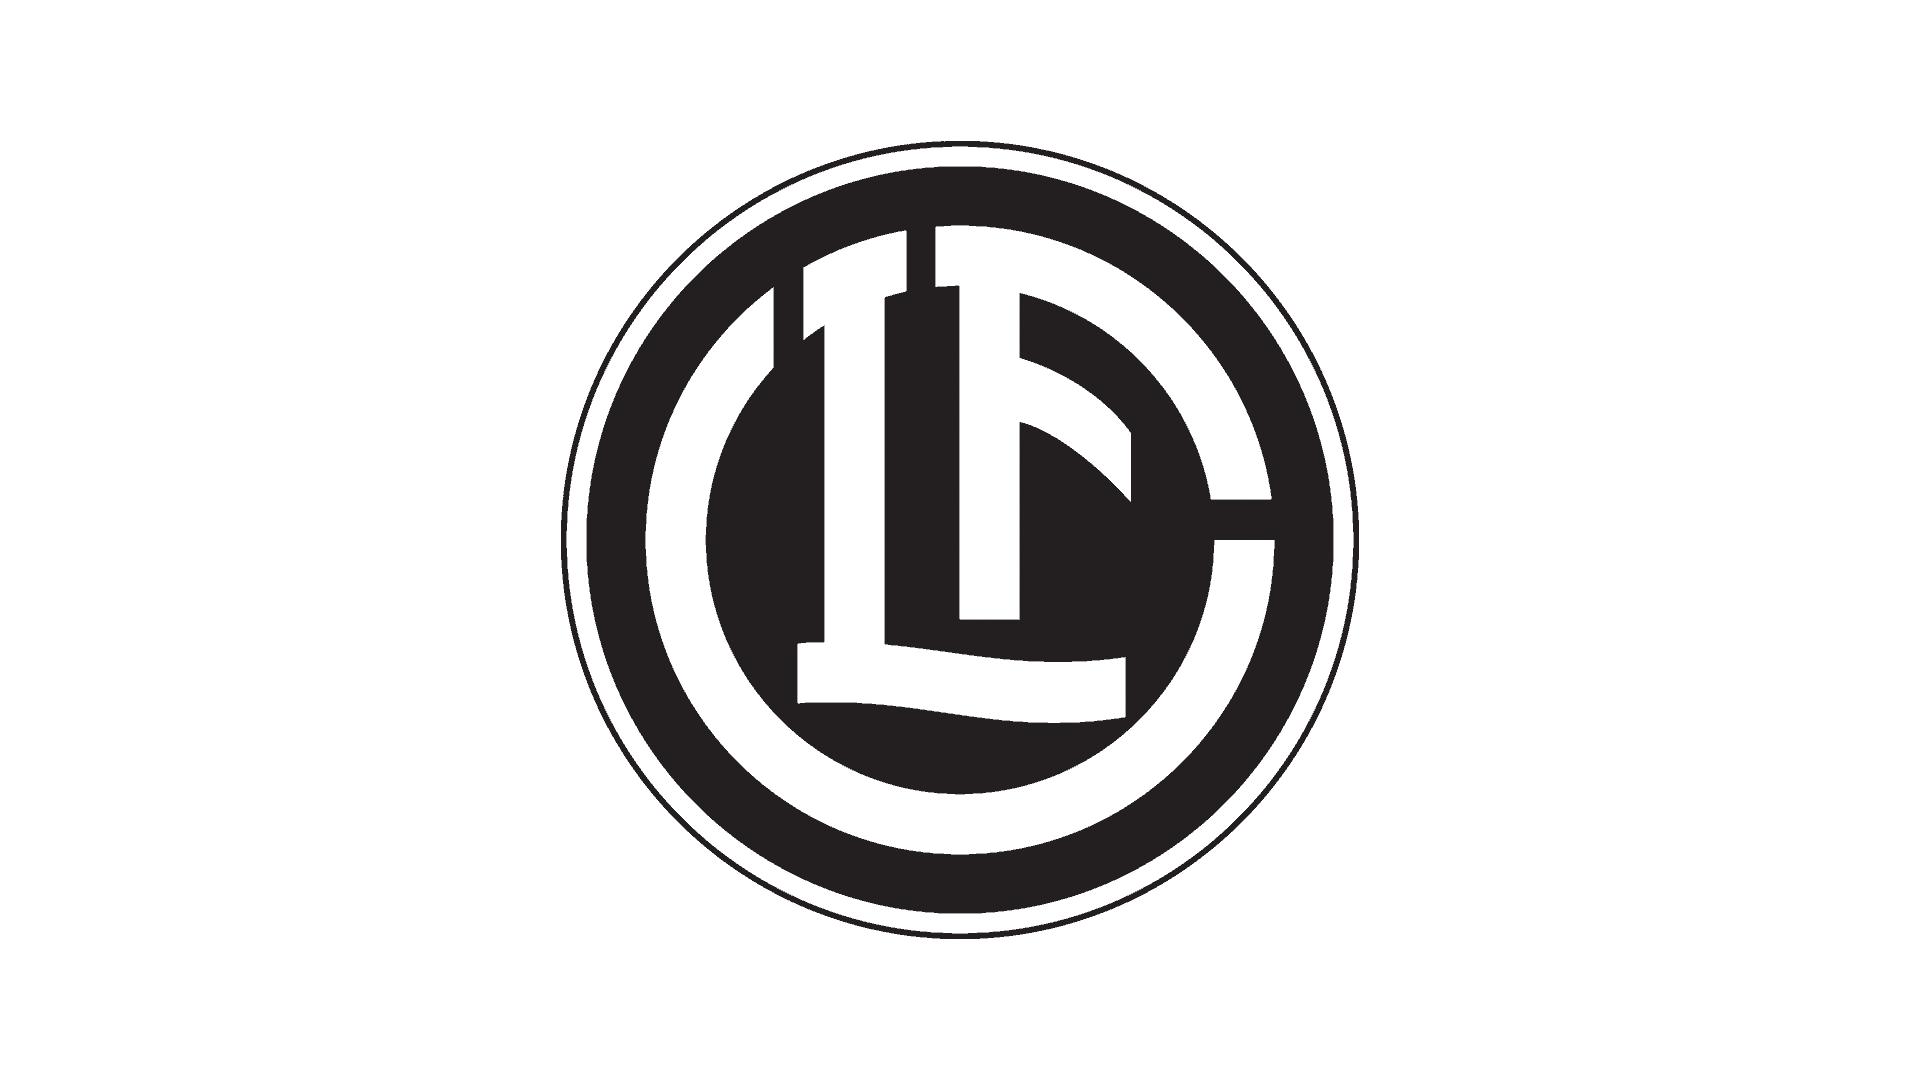 FC Lugano rinnova il suo marchio